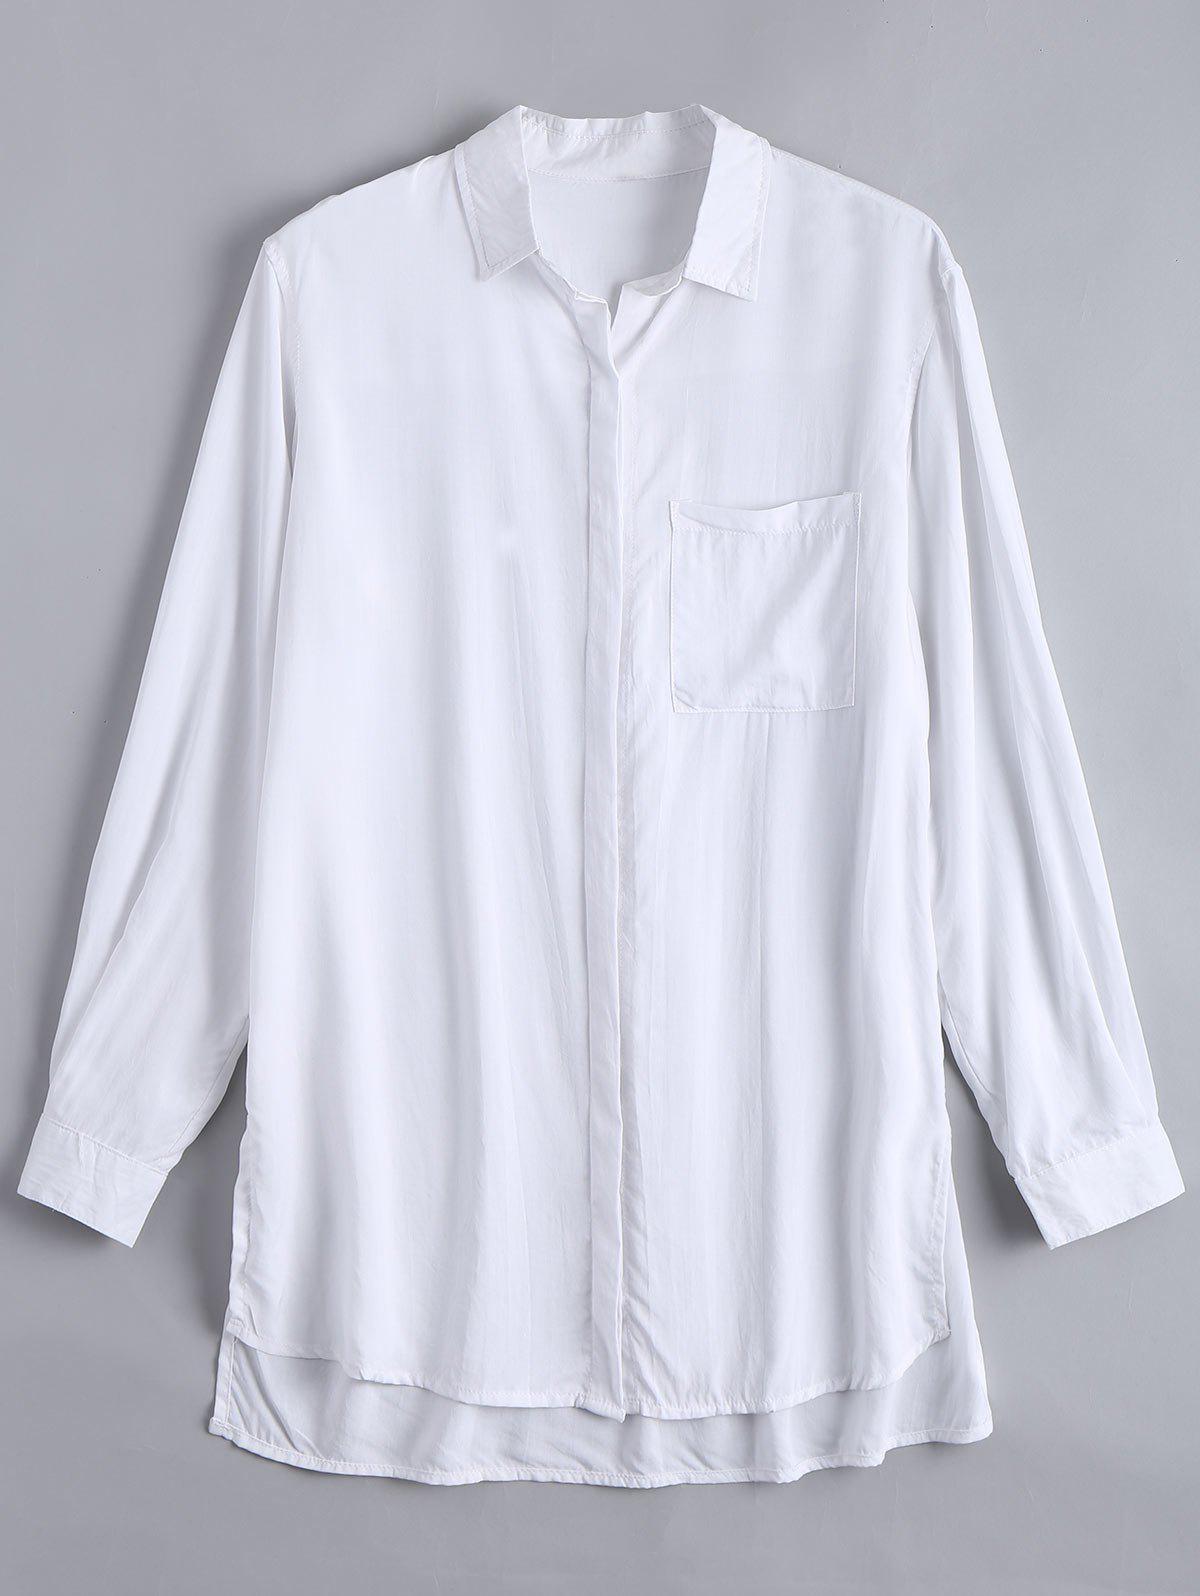 Lange hohe niedrige Bluse mit Schlitz